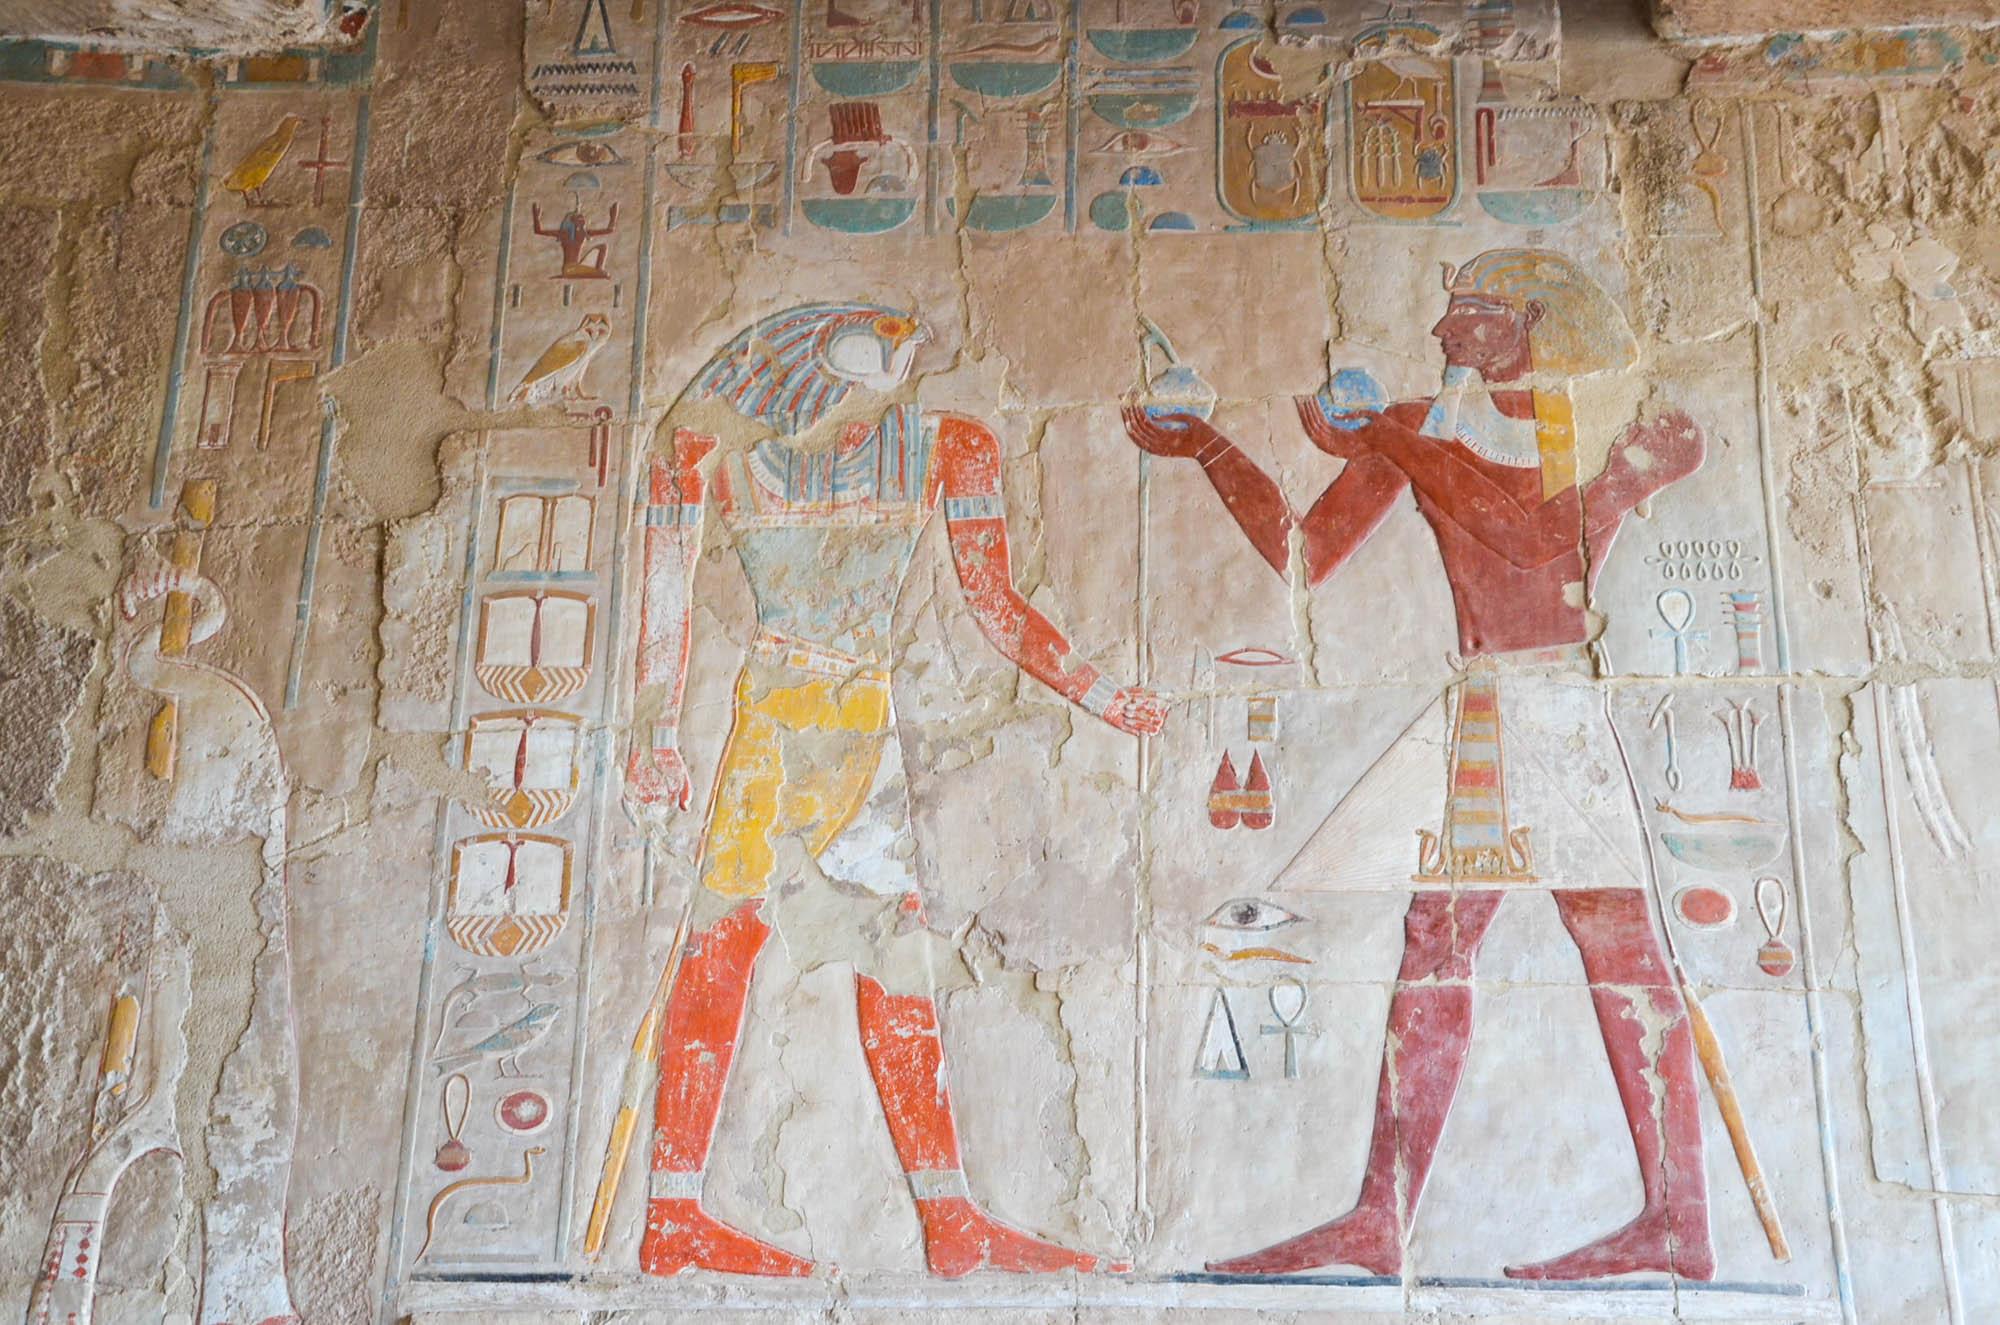 Hatschepsut, Tochter von Thutmosis I., war ägyptische Pharaonin der 18. Dynastie. Dennoch ließ sie sich immer wieder als männlicher Pharao darstellen, wie hier an den reich verzierten Wänden Ihres Totentempels, dem Gott Re Opfergaben vorlegend. Foto: Matthieu Götz